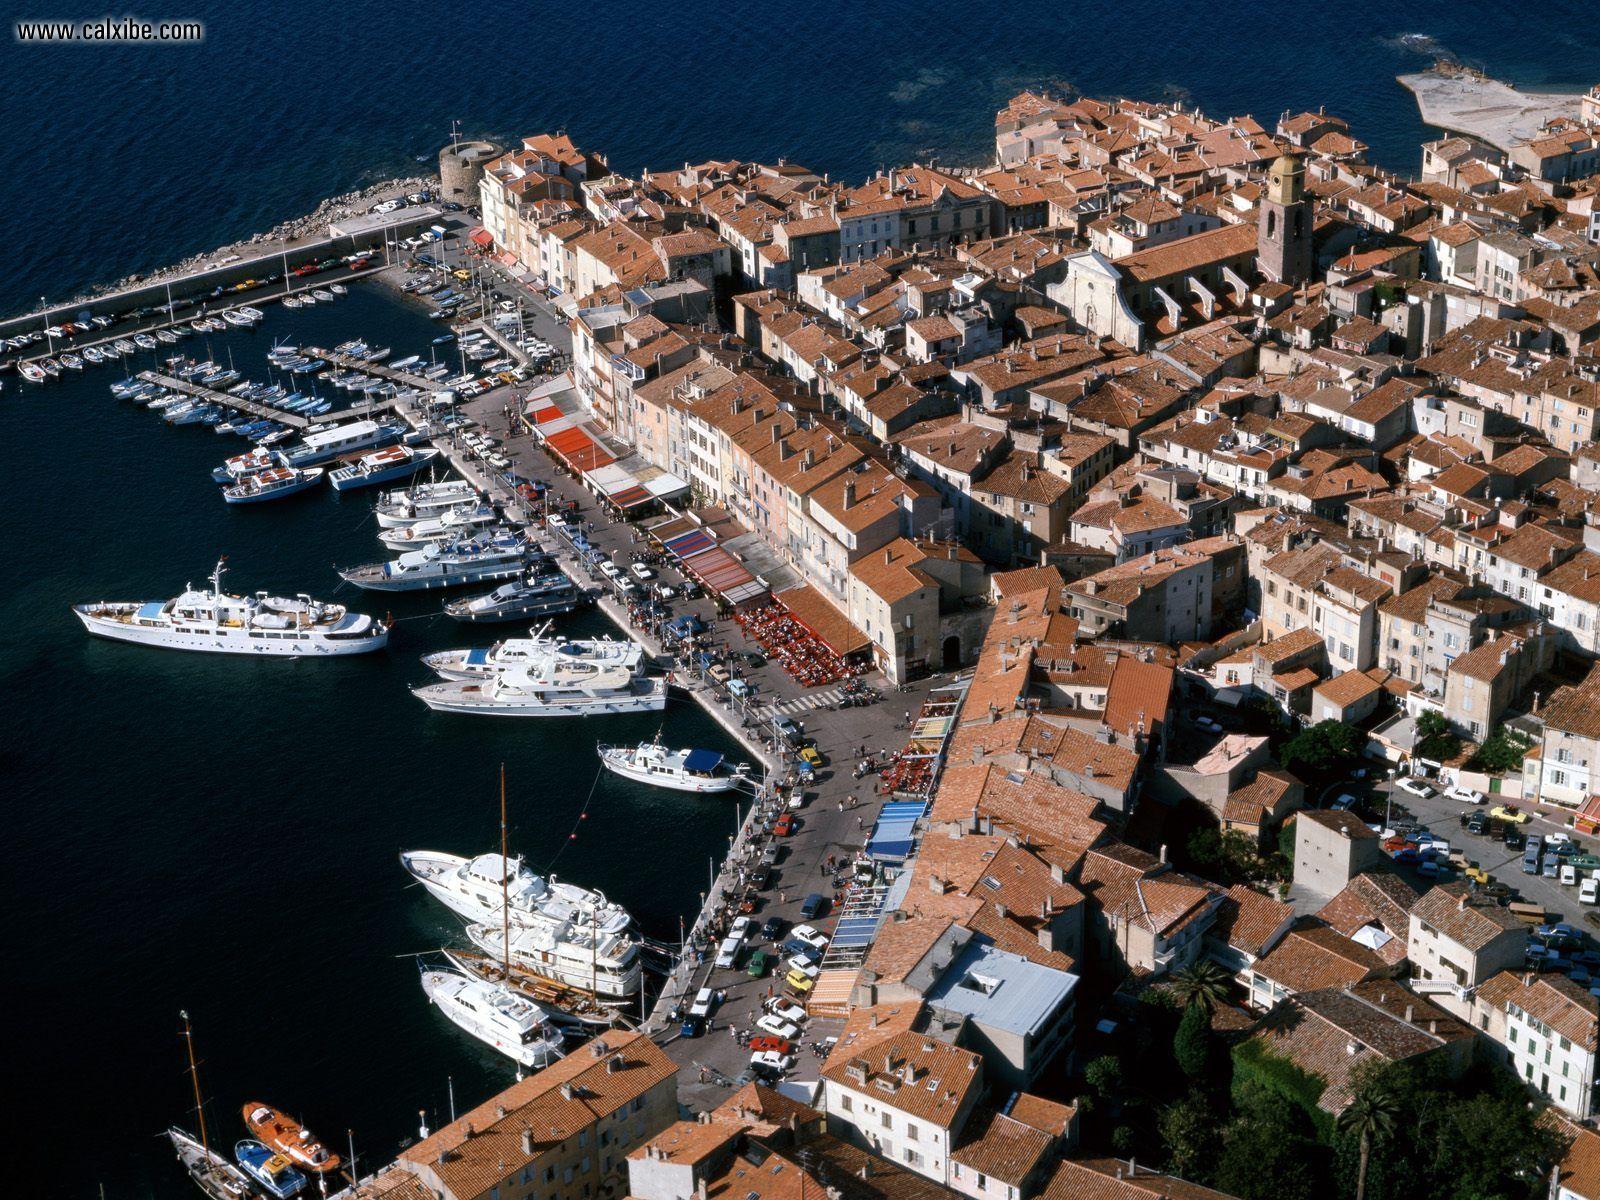 Buildings City St Tropez France desktop wallpaper nr 4314 1600x1200